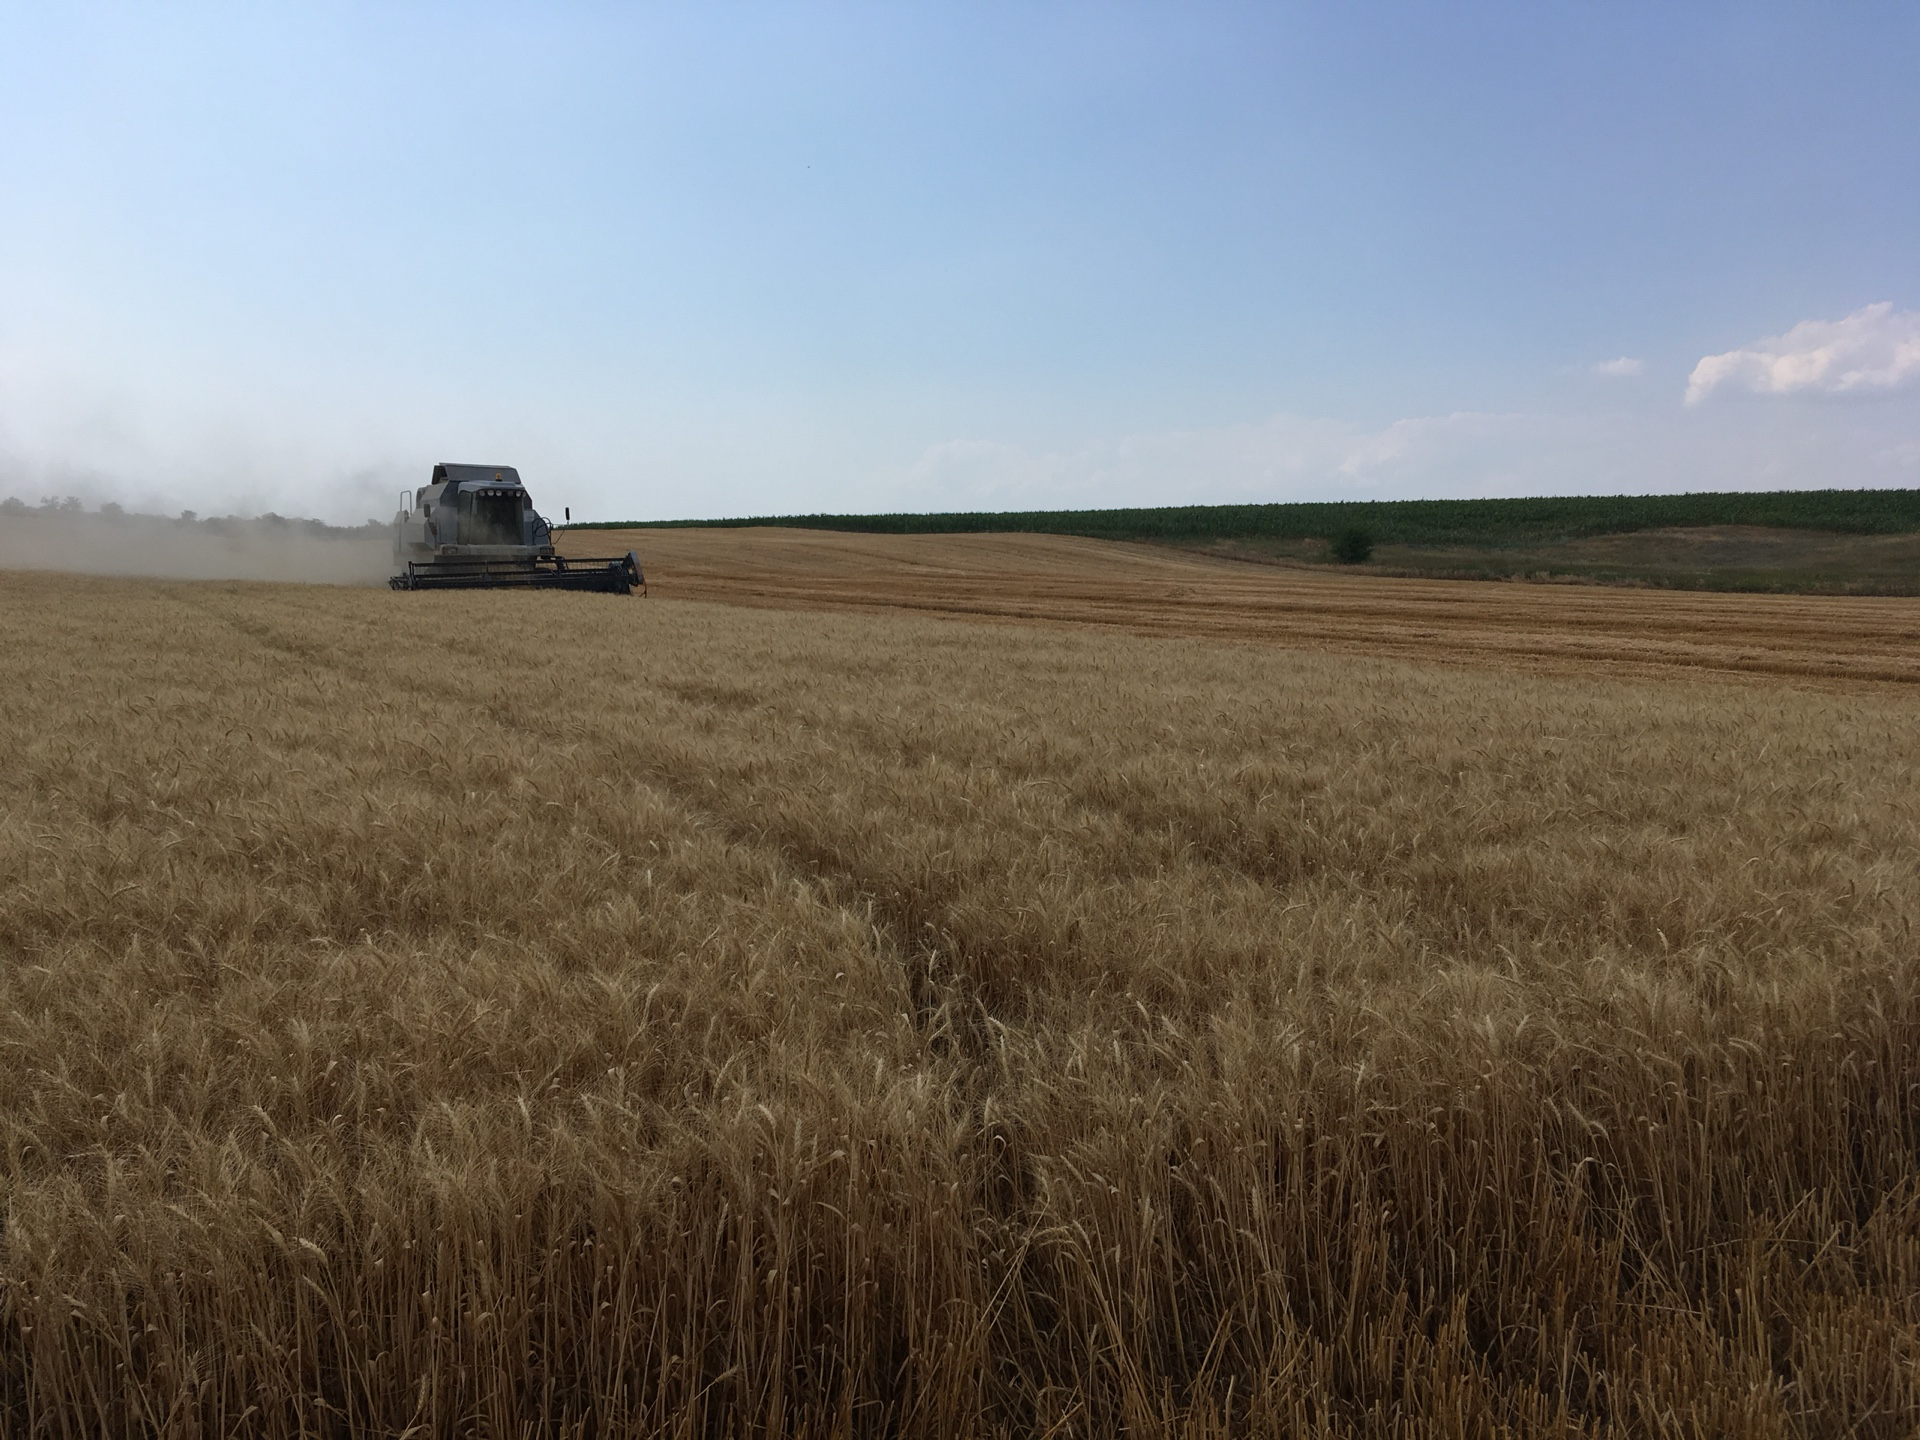 В Запорожской области обнаружили поле, самовольно засеянное пшеницей - ФОТО